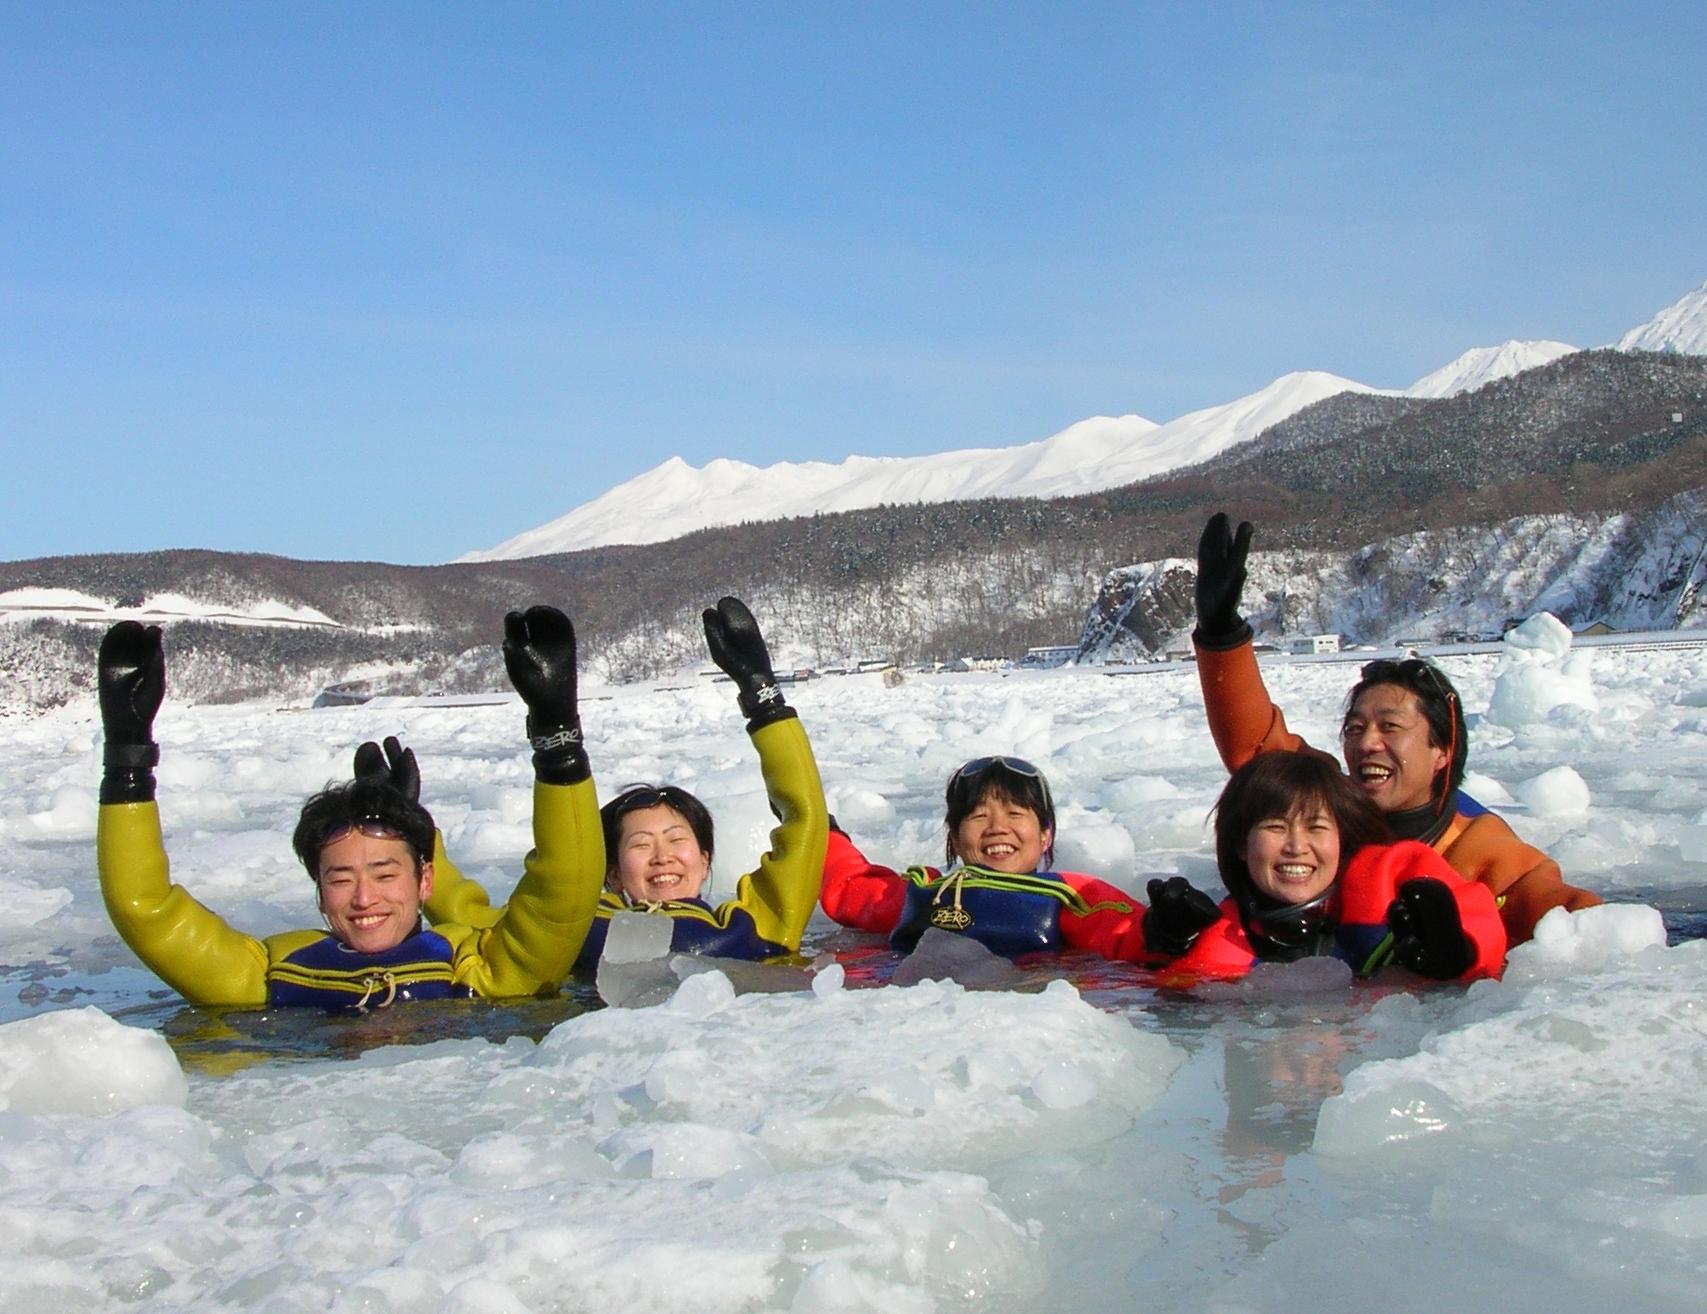 スノーシューハイキング、流氷ウォーク、冬の動物ウォッチングと、知床の冬を思いきり満喫できます!